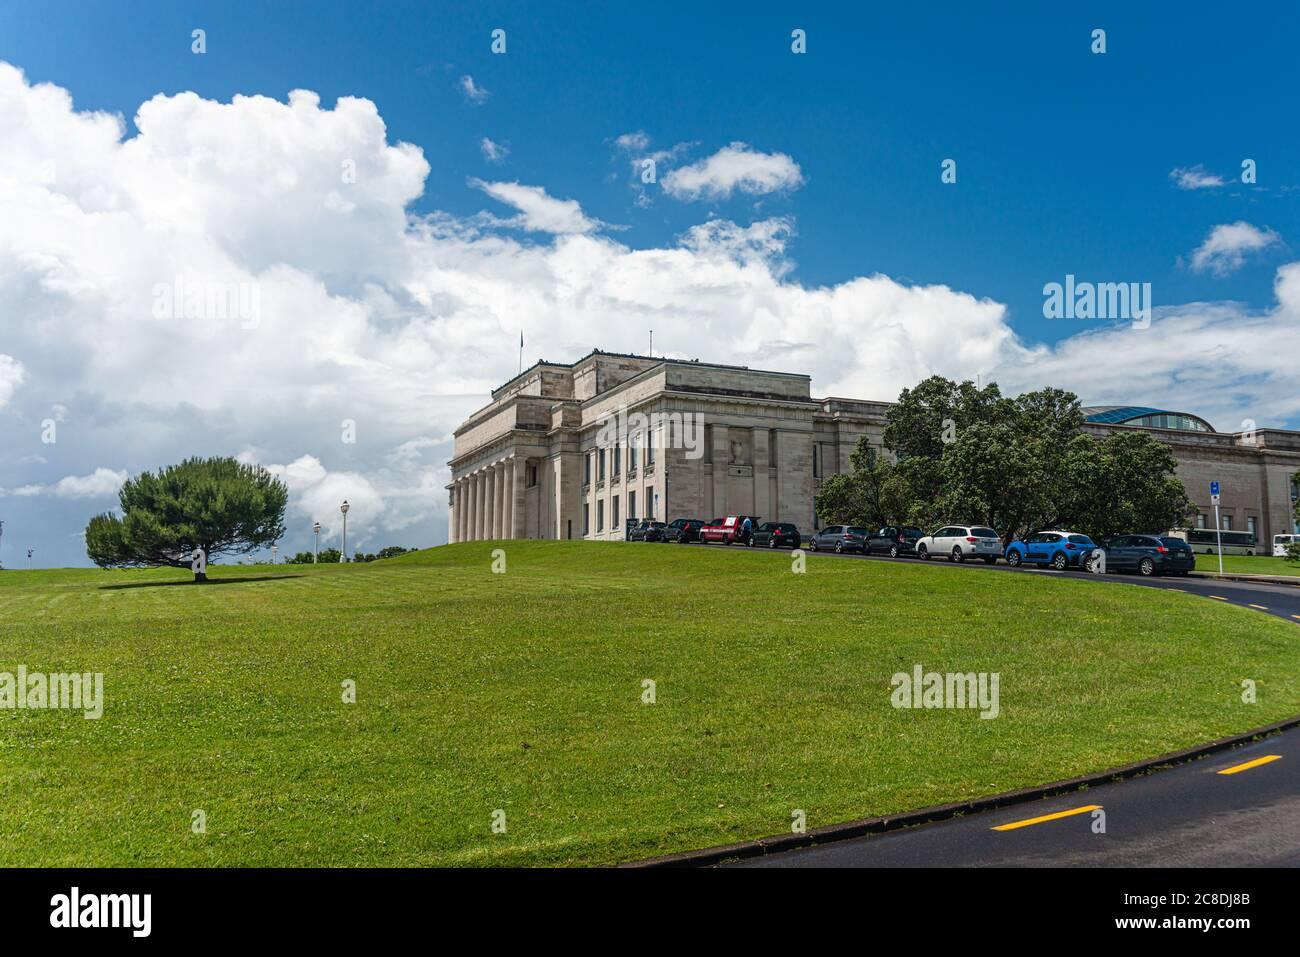 Camino que conduce hacia el edificio del Museo de Auckland en el dominio de auckland, Parnell, nueva Zelanda. Arquitectura neoclásica Foto de stock